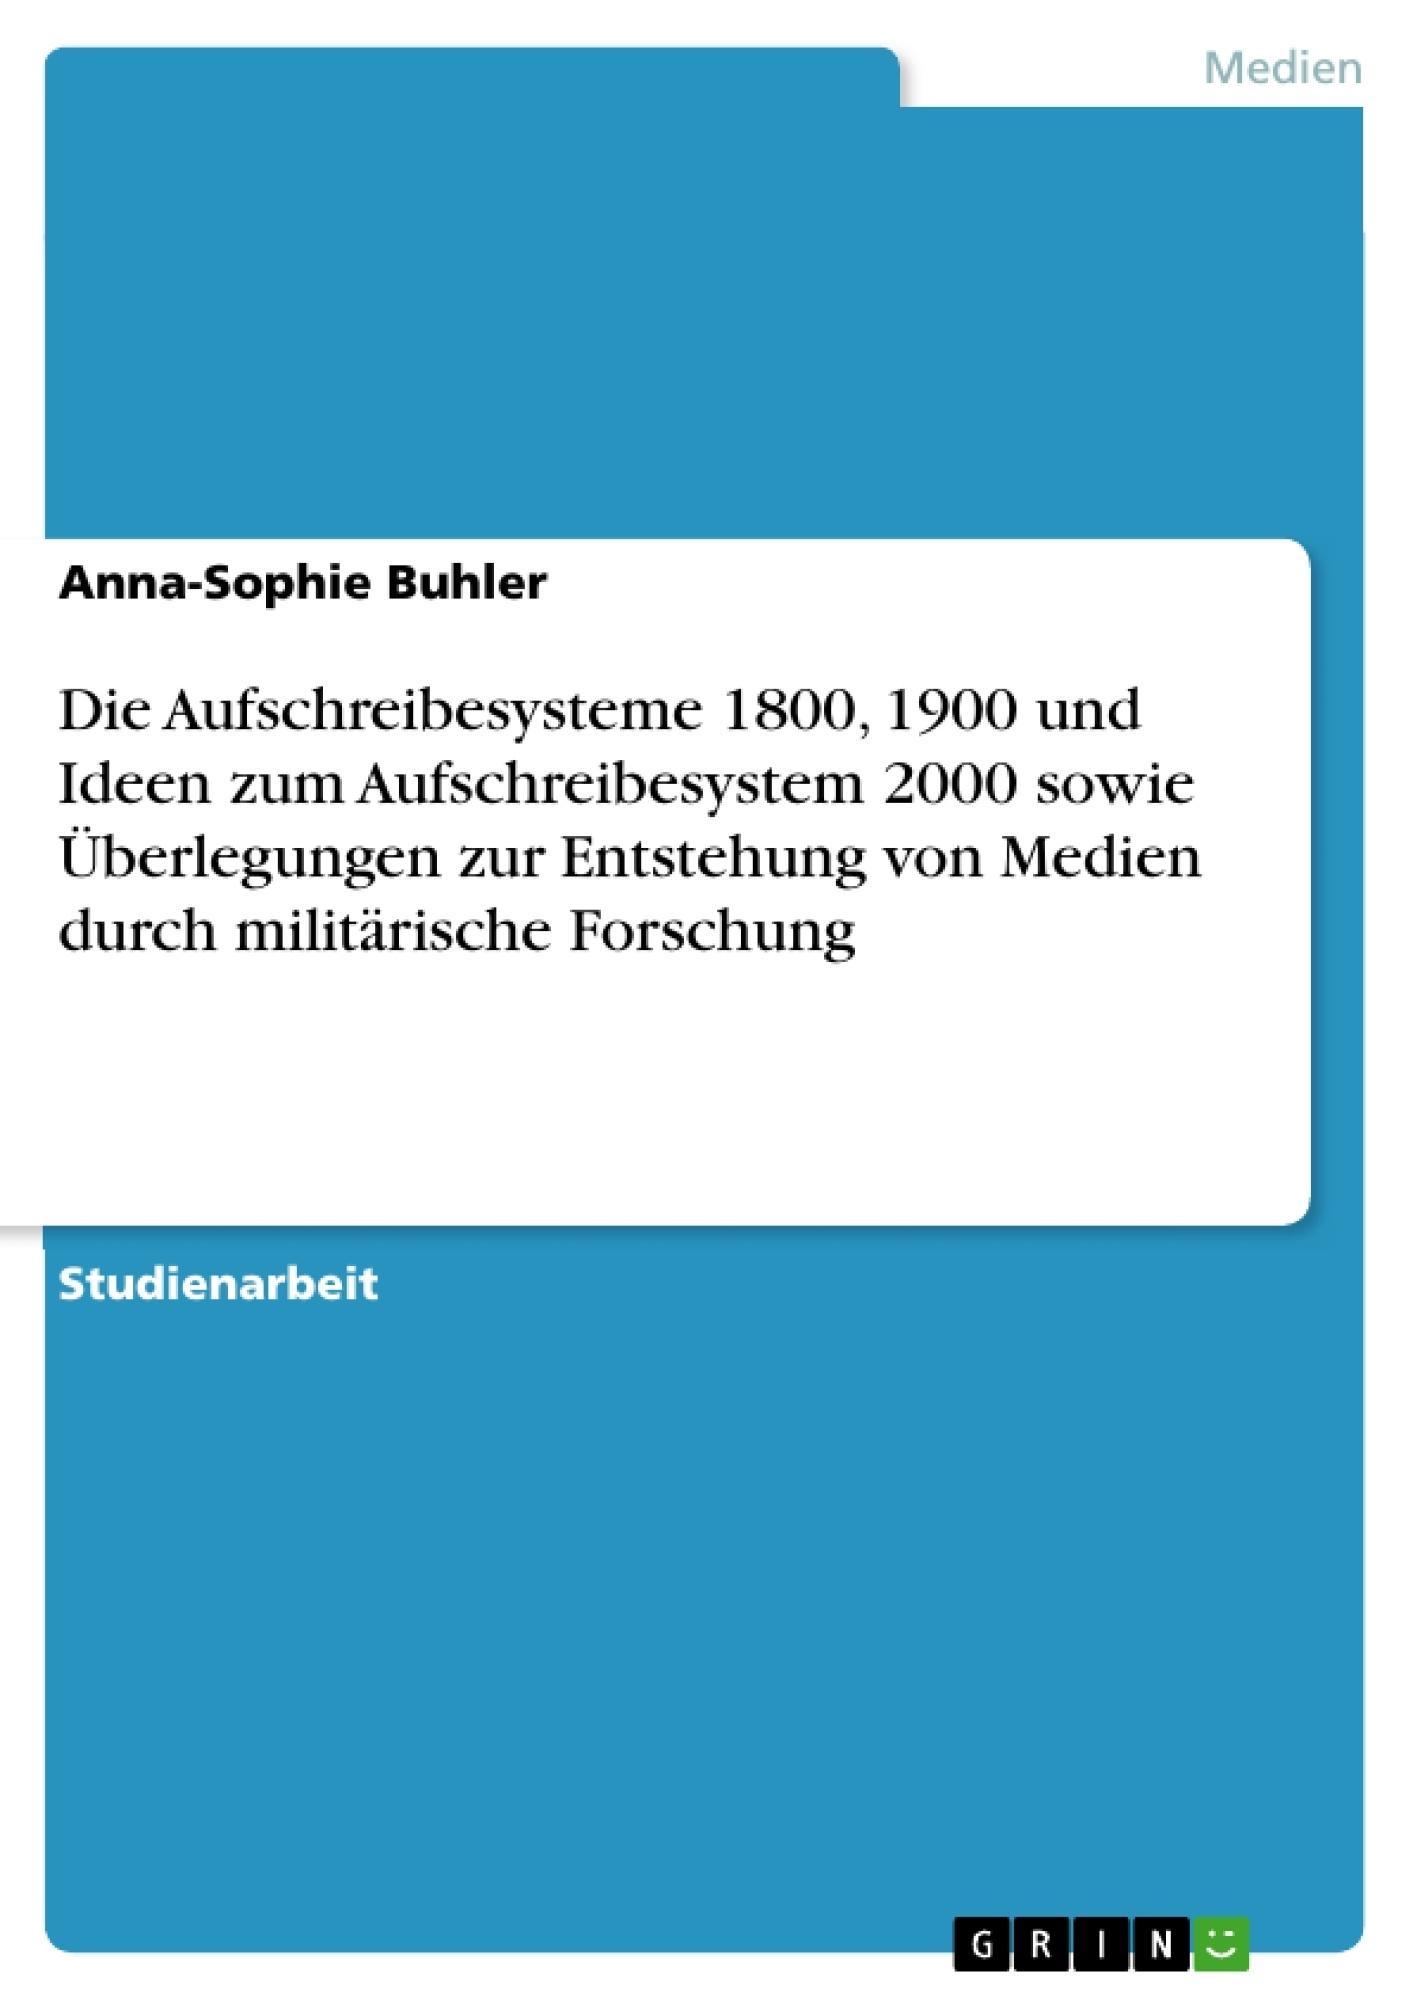 Titel: Die Aufschreibesysteme 1800, 1900 und Ideen zum Aufschreibesystem 2000 sowie Überlegungen zur Entstehung von Medien durch militärische Forschung